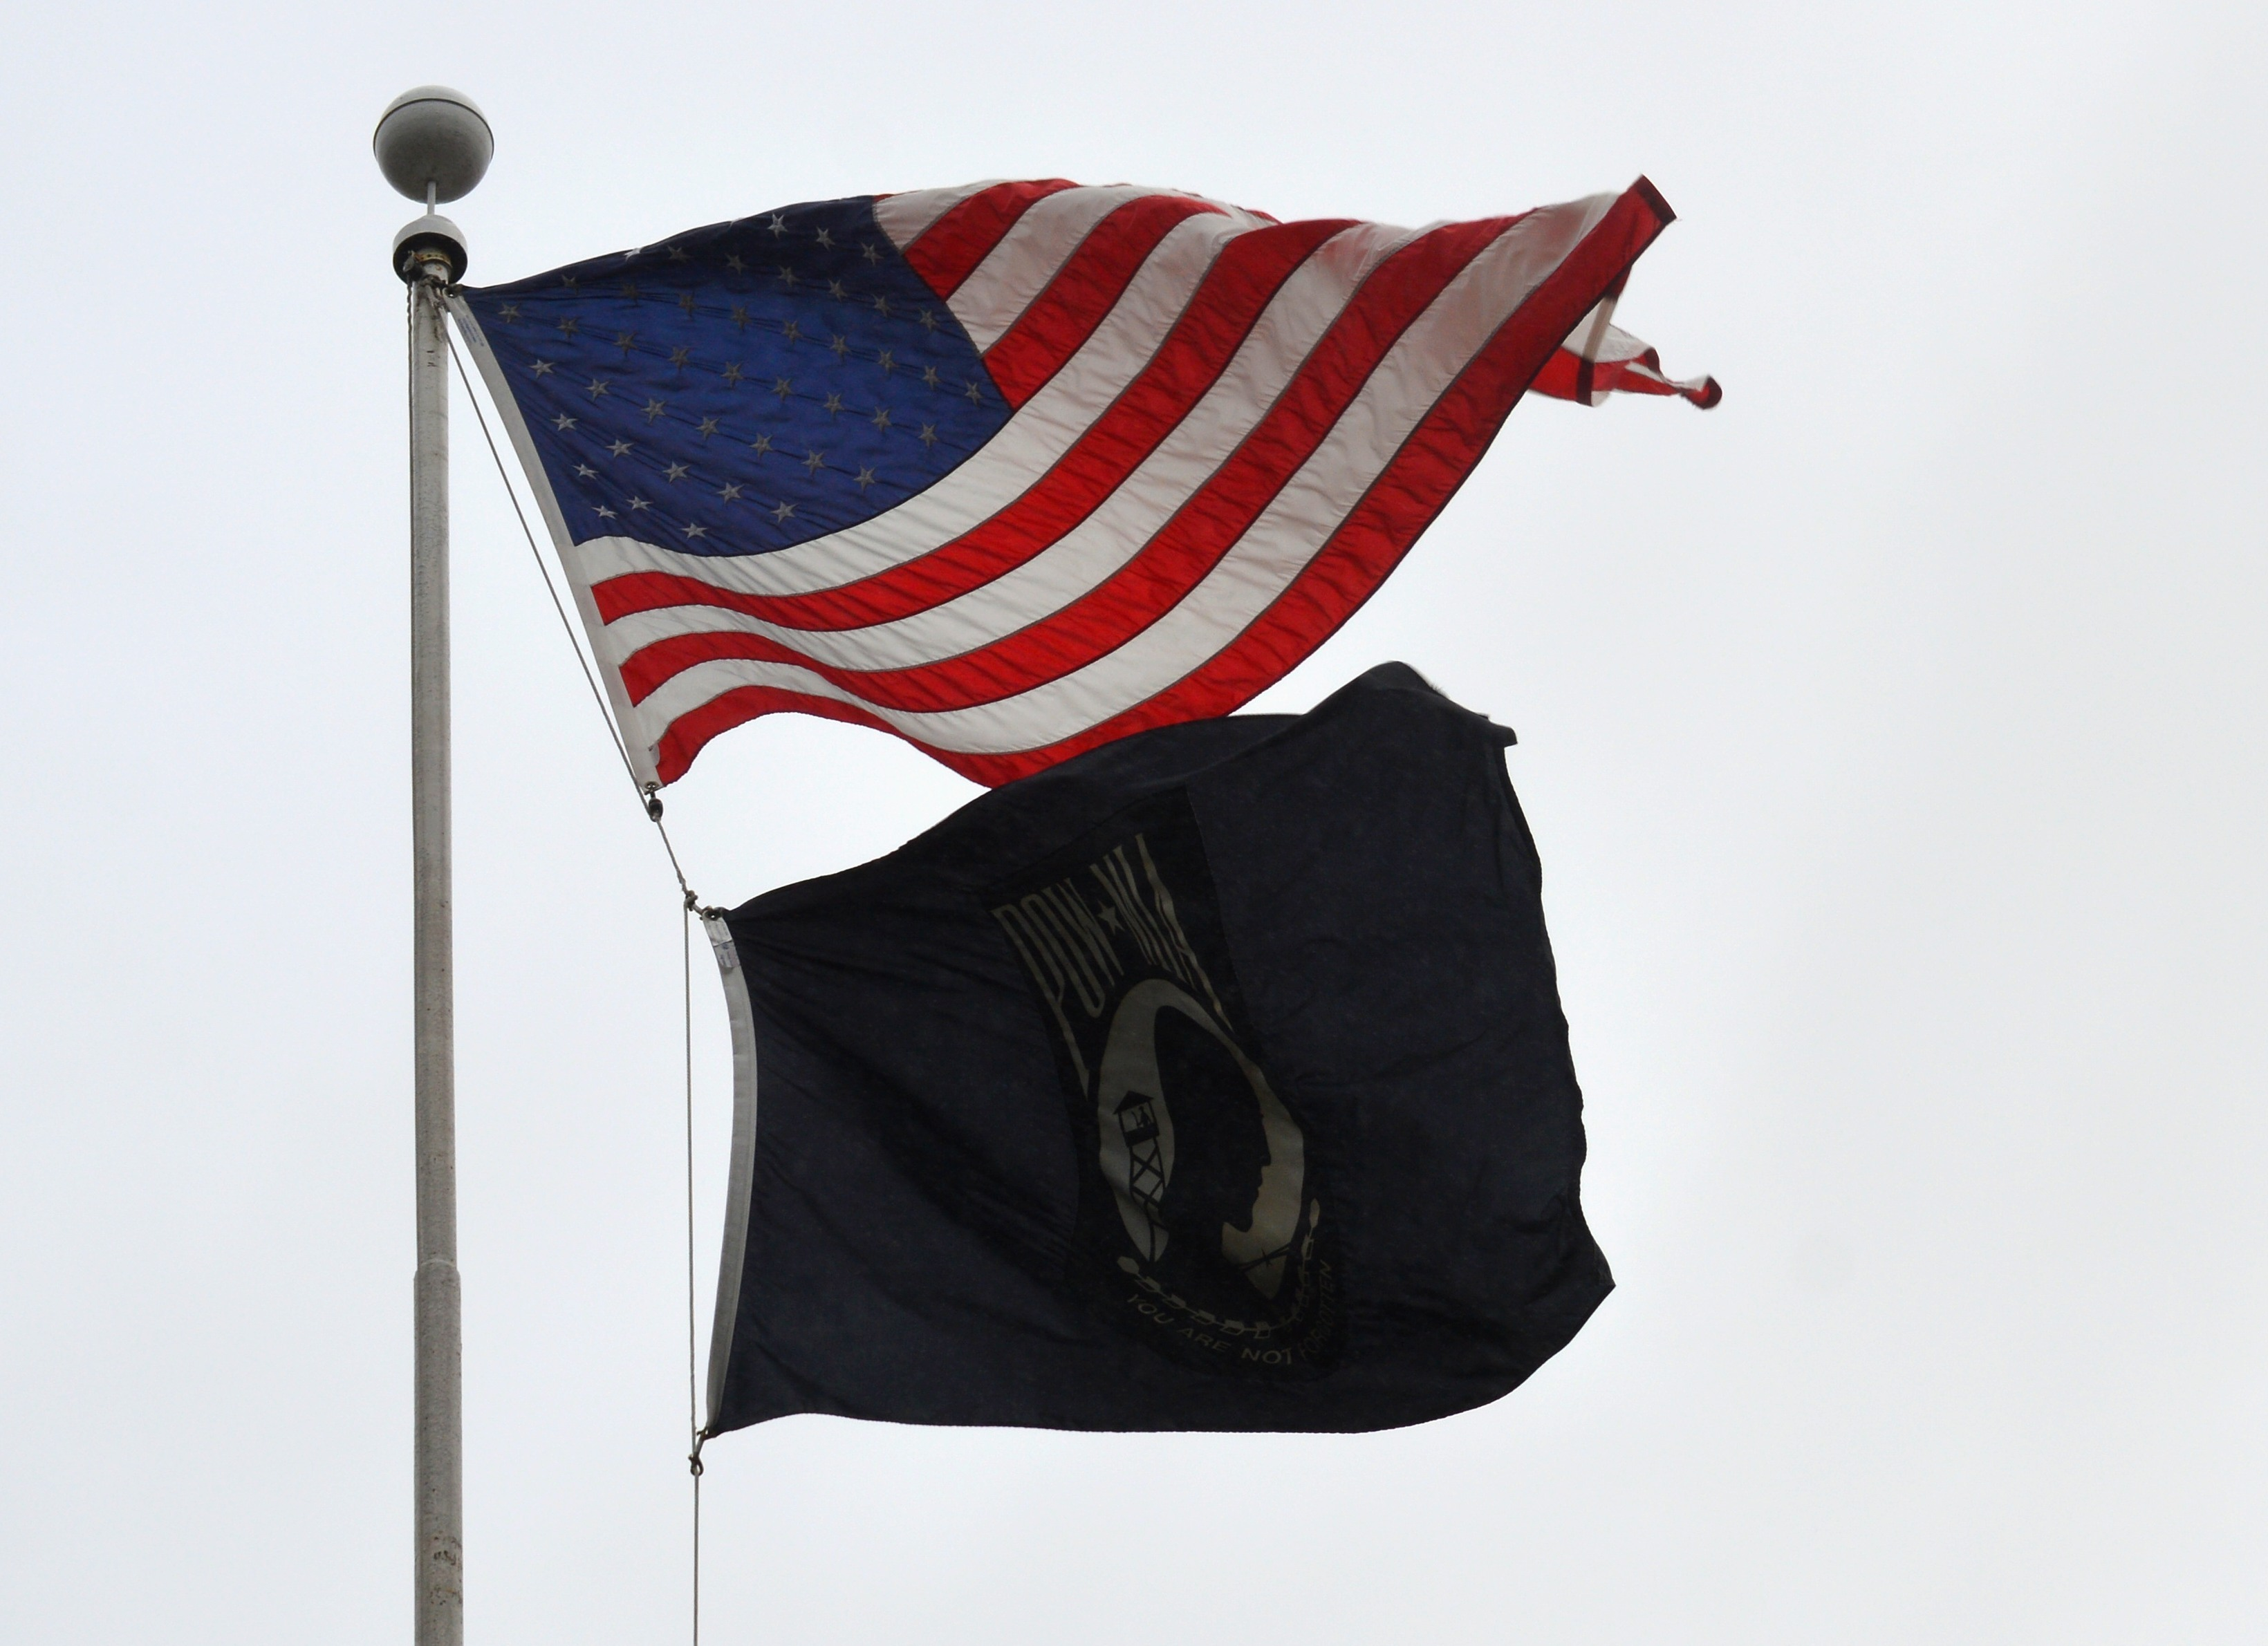 3e26a66e7d471d40b920_FW_-_Flag.JPG